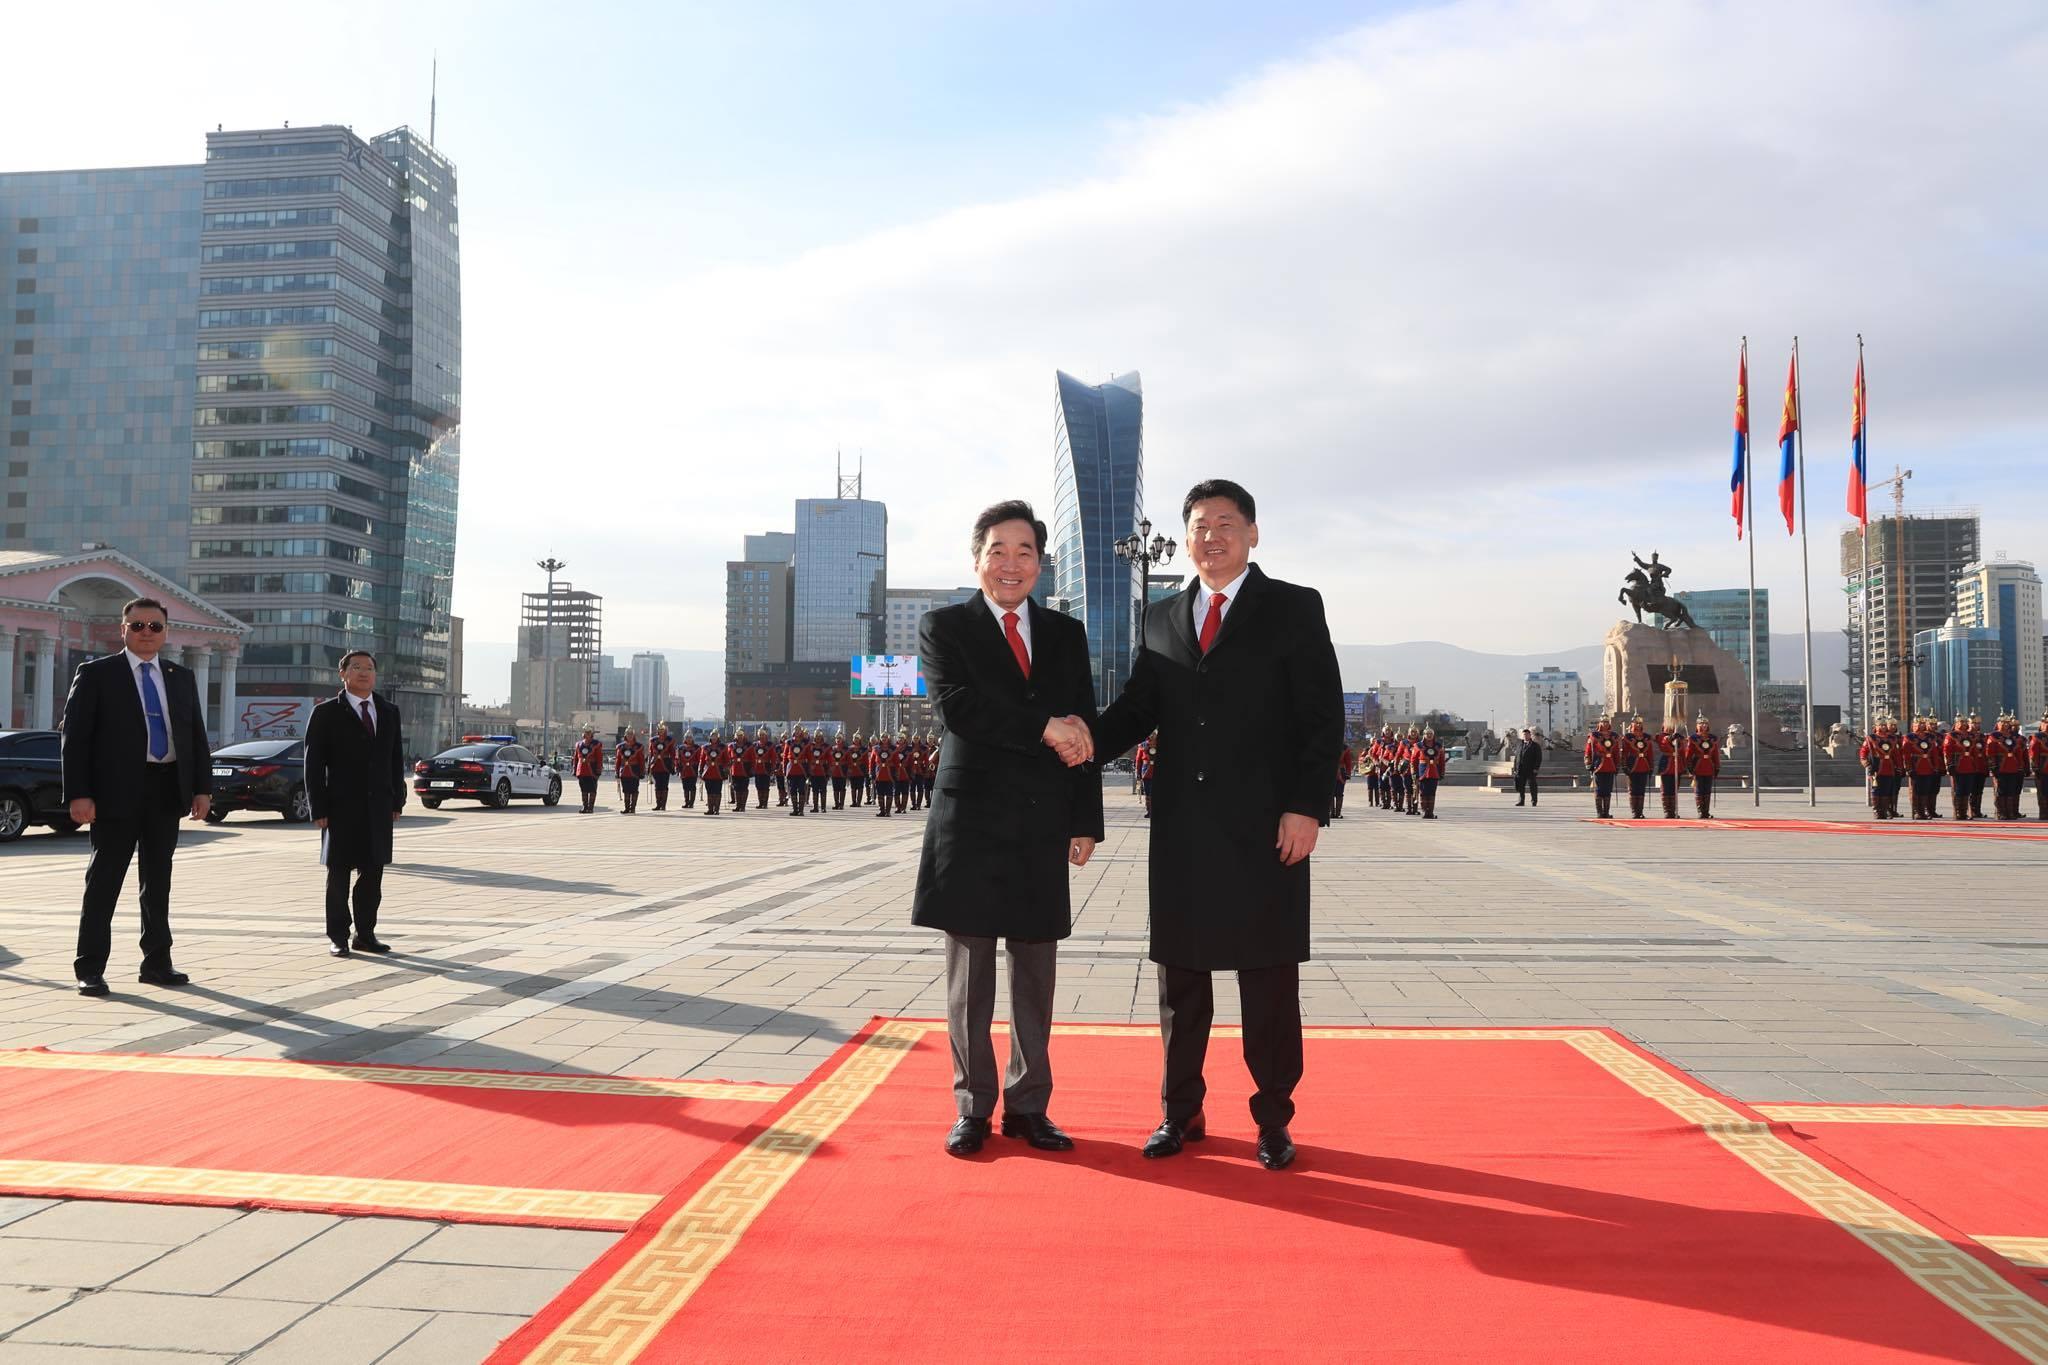 БНСУ, Монгол Улсууд харилцан визгүй зорчих асуудлыг судлан шийдвэрлэхээр болов